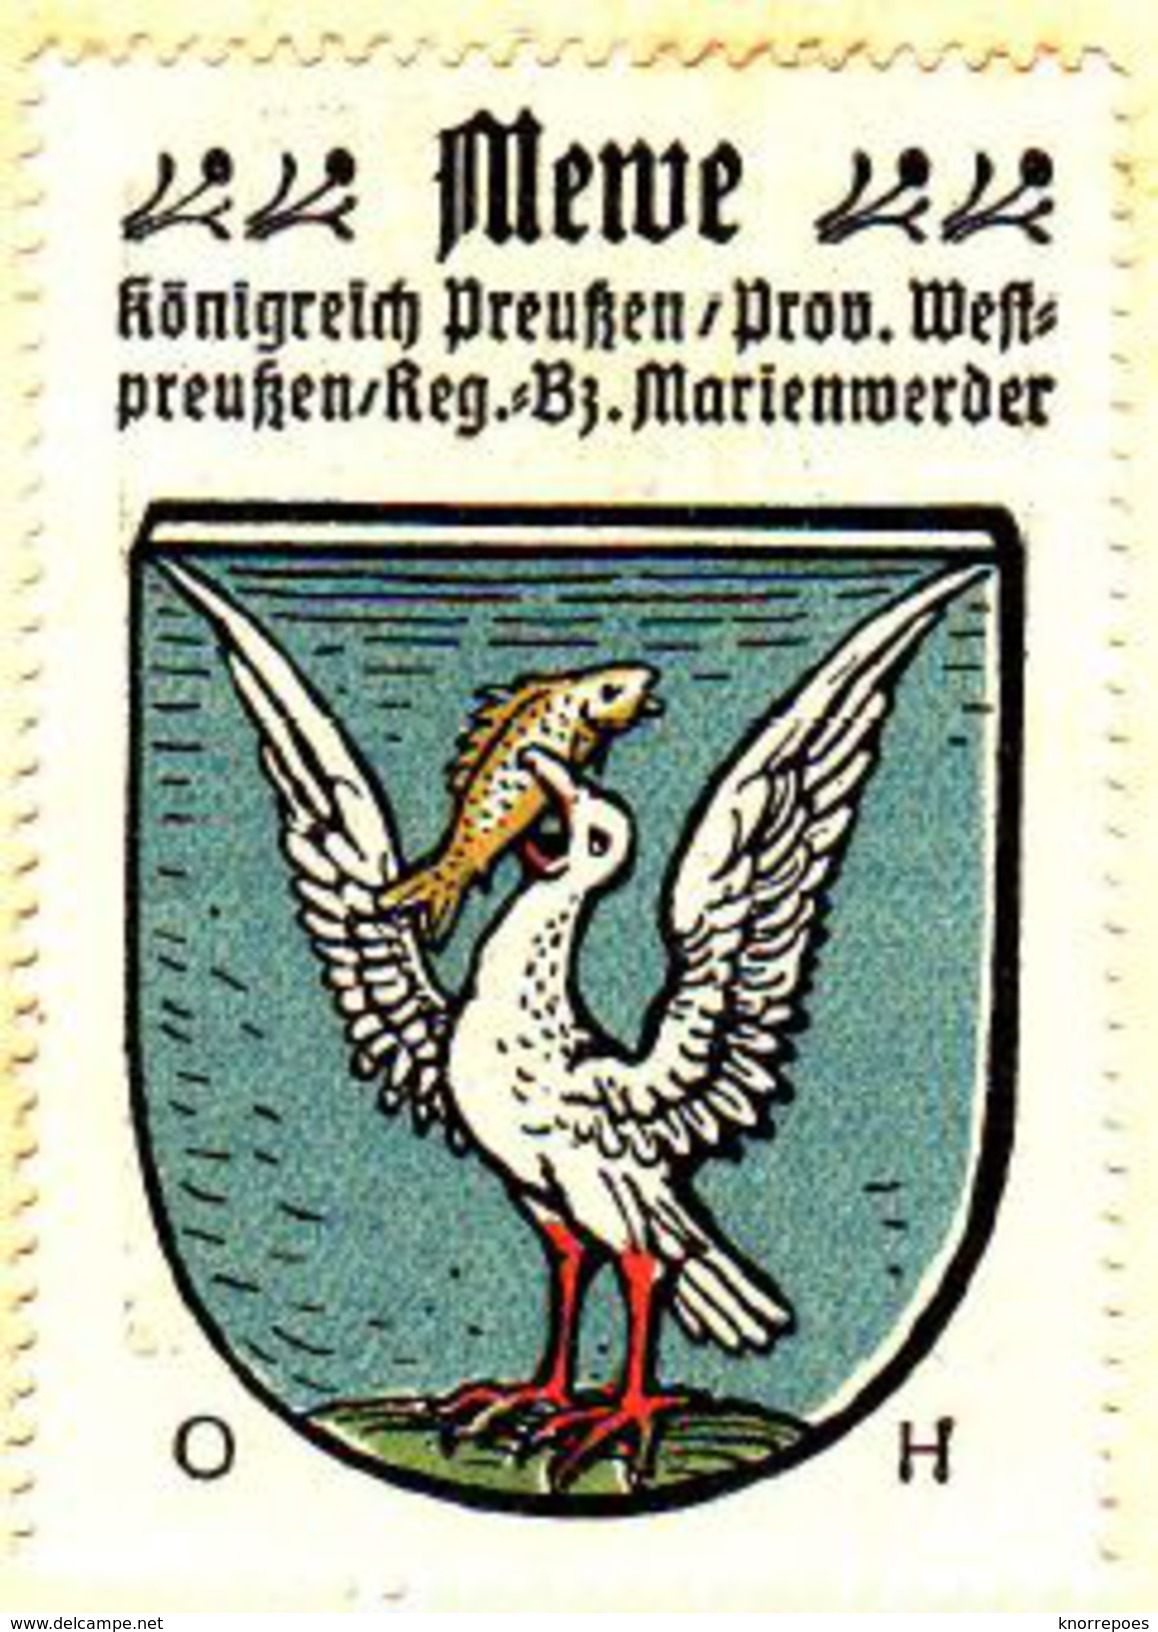 Werbemarke (Reklamemarke, Siegelmarke) Kaffee Hag : Wappen Von Mewe In Westpreussen - Tea & Coffee Manufacturers